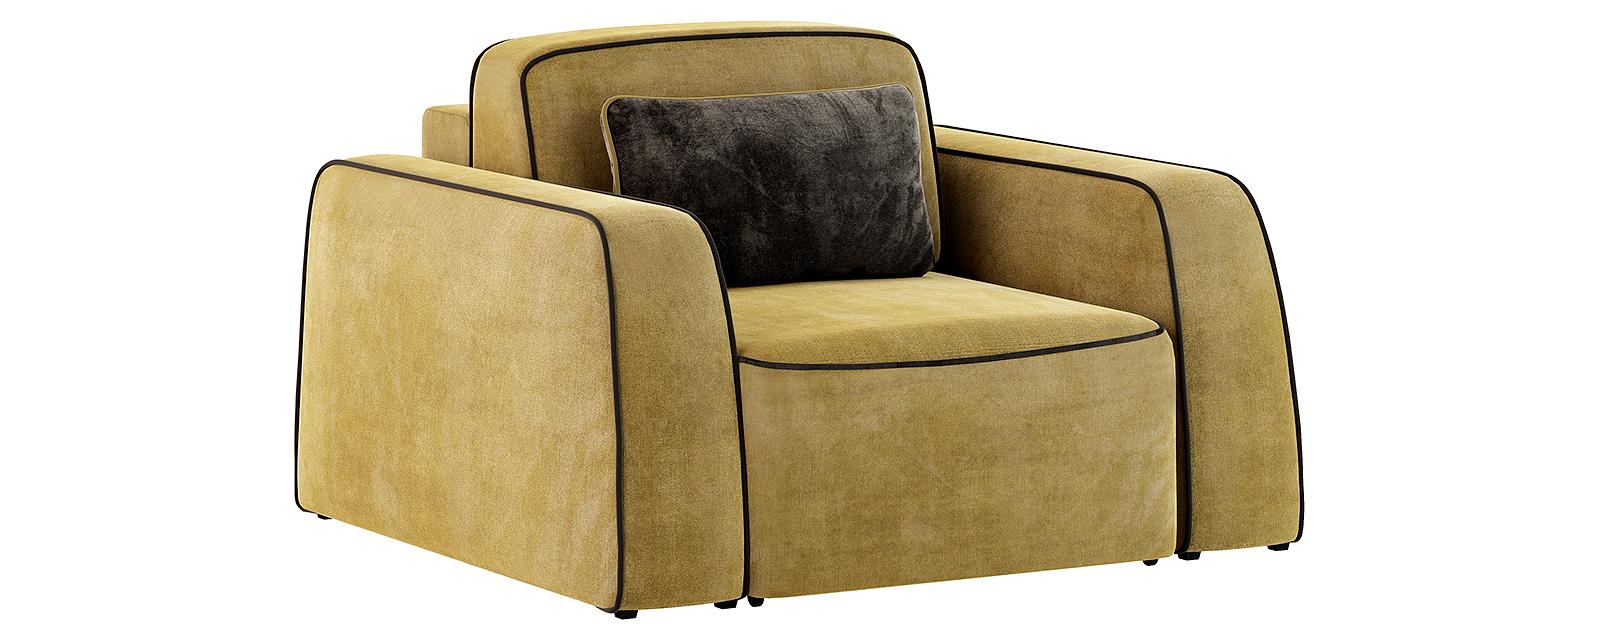 Кресло тканевое Портленд 80 см Velure оливковый/тёмно-коричневый (Велюр) от HomeMe.ru